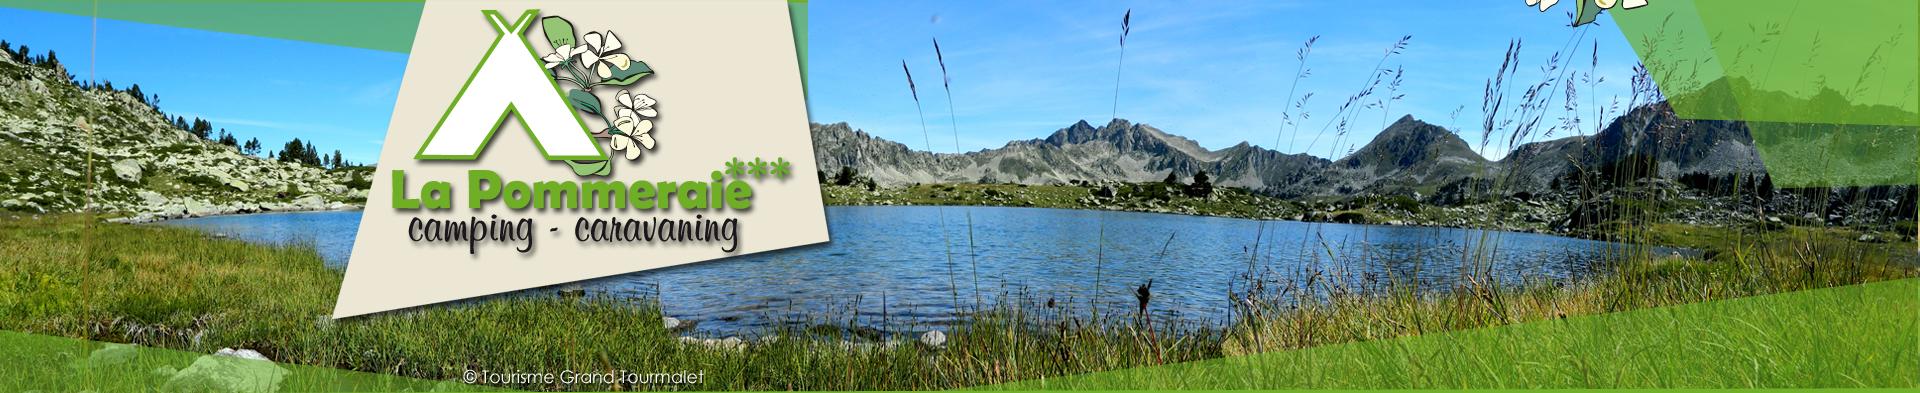 Tourisme camping pommeraie gerde 65 camping bagn res de bigorre camping hautes pyr n es - Office de tourisme bagneres de bigorre 65 ...